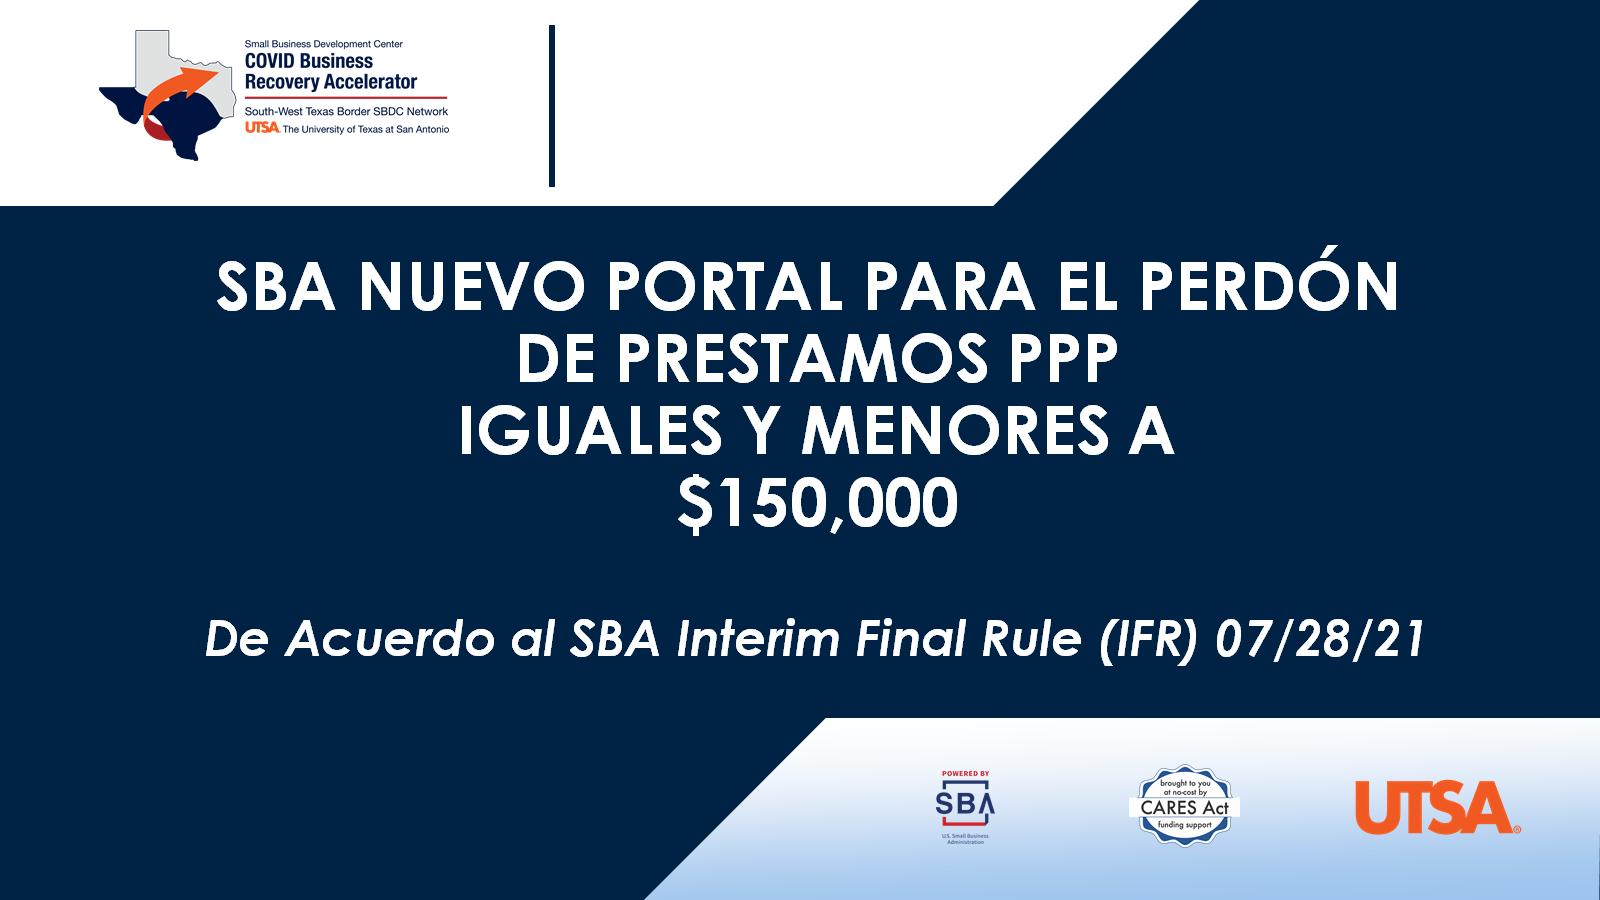 SBA Nuevo Portal Para El Perdón de Prestamos PPP Iguales y Menores a $150,000